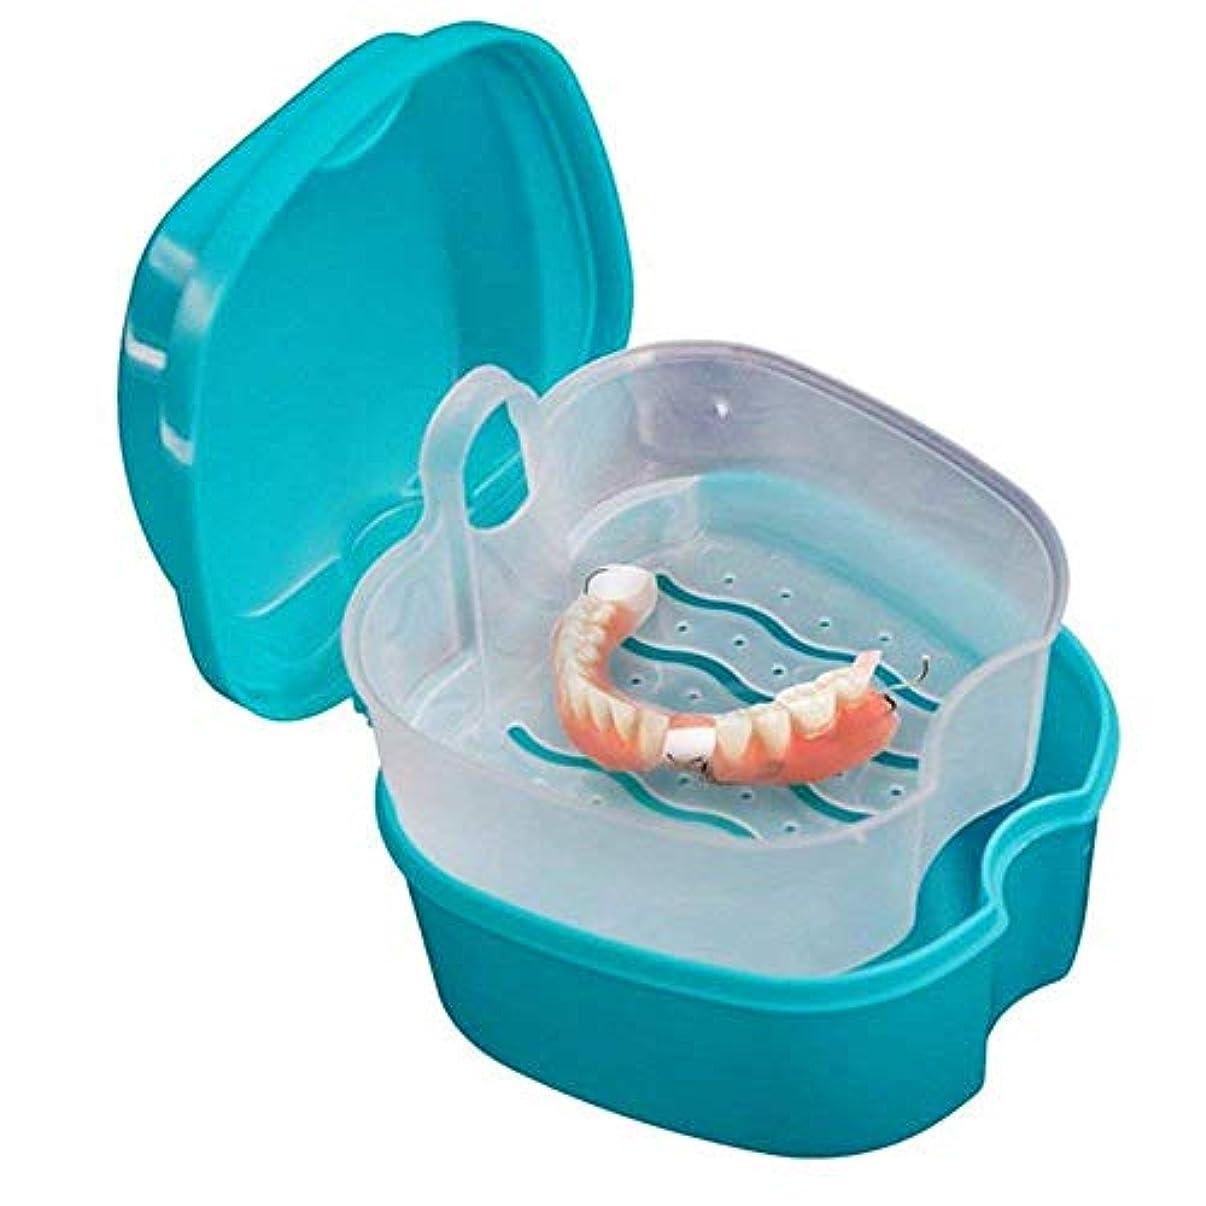 個人的にダルセットタフCoiTek 入れ歯ケース 義歯ケース 携帯 家庭旅行用 ストレーナー付き ブルー